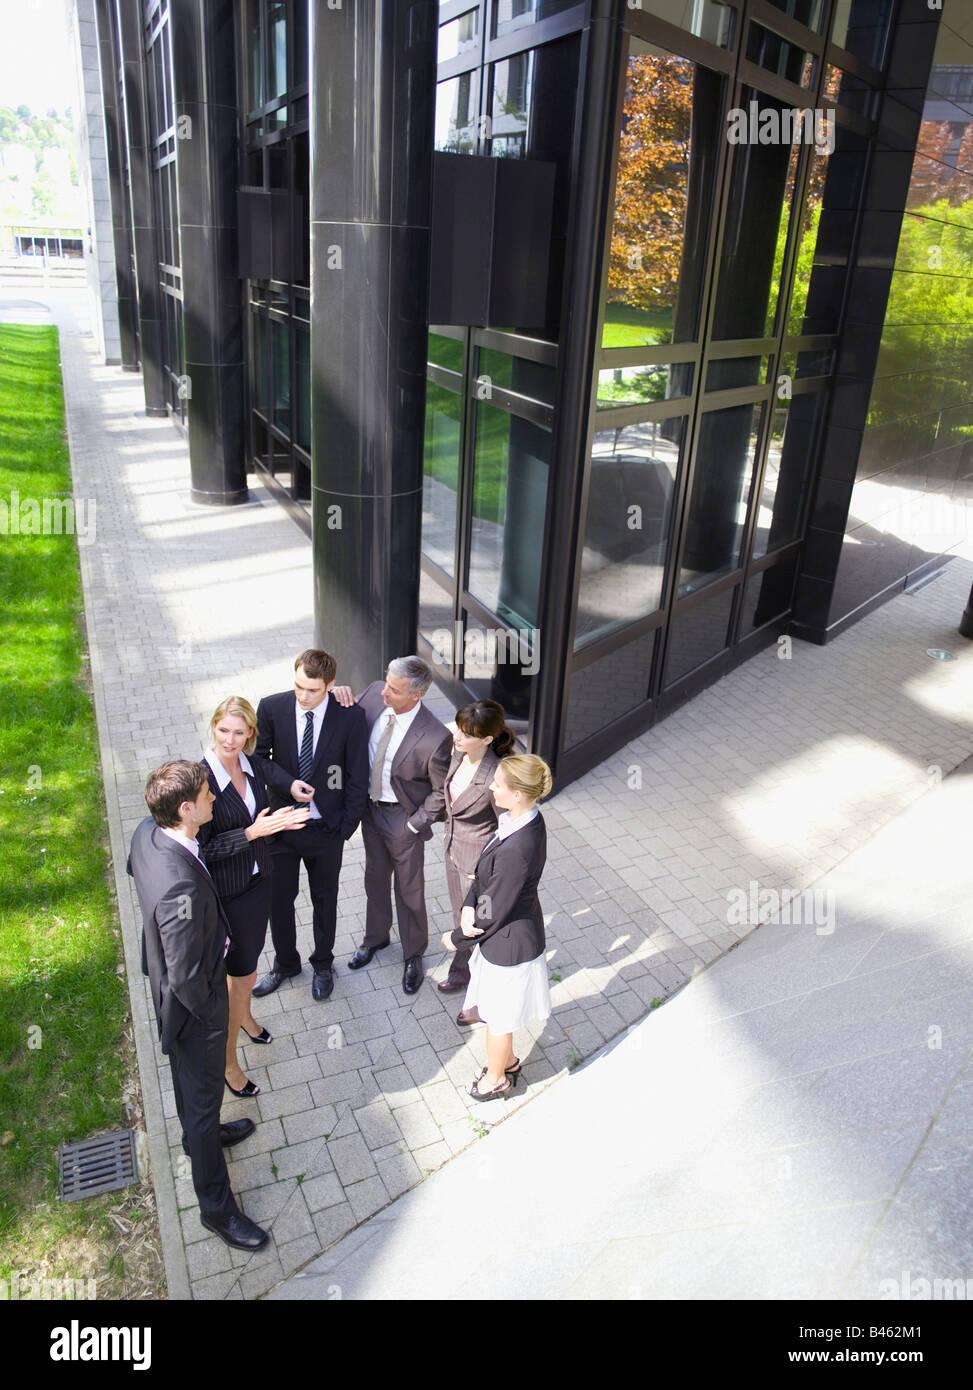 Alemania, en el Estado federado de Baden-Württemberg, Stuttgart, empresarios hablando, niveles elevados de Imagen De Stock